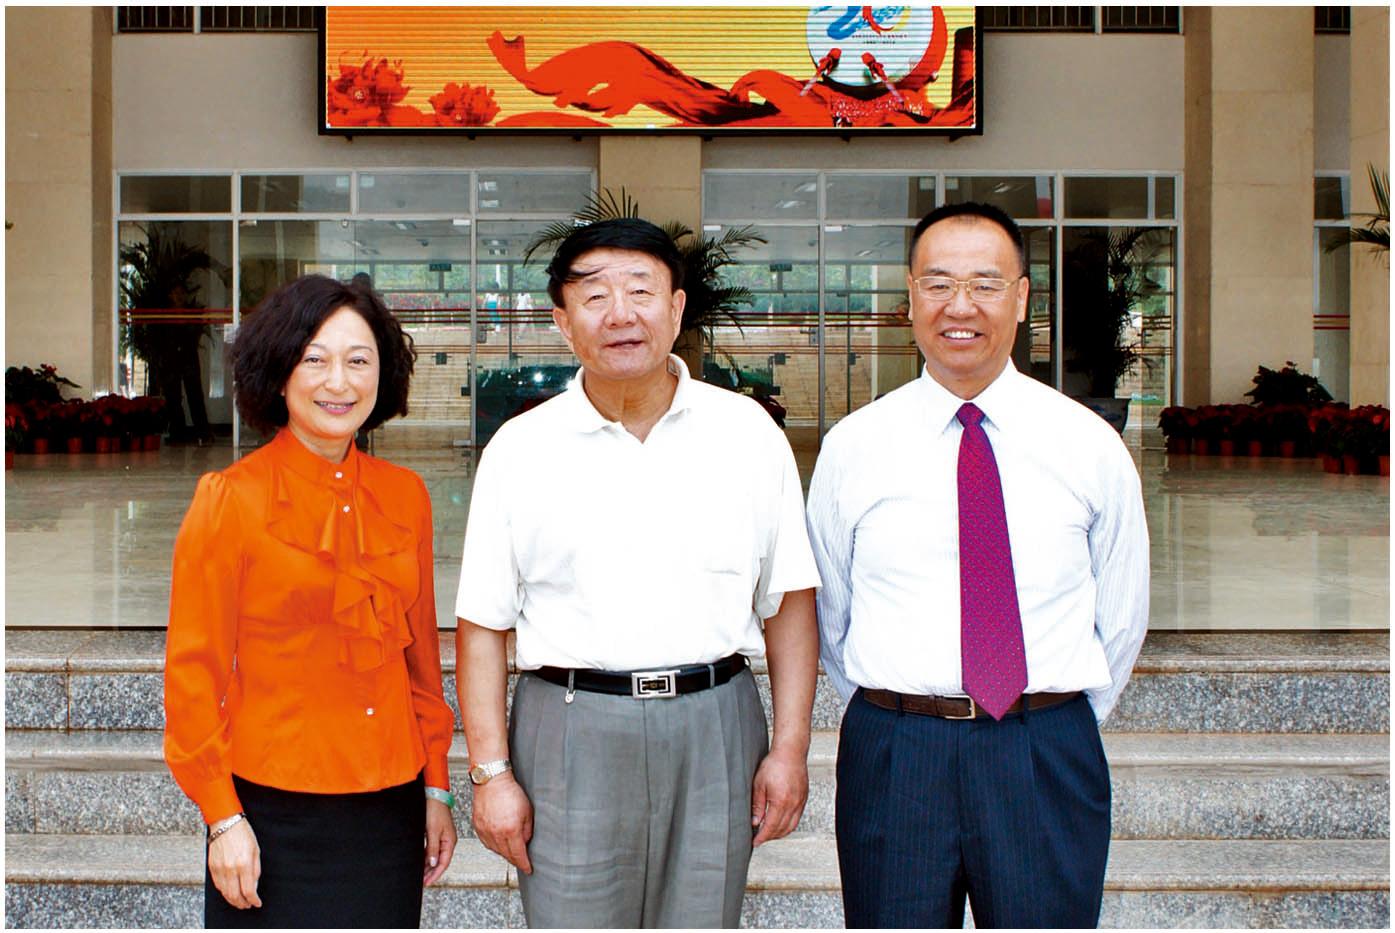 2012年6月17日,全国人大常委、民进中央副主席、中国民办教育协会会长王佐书(中)考察安宁校区